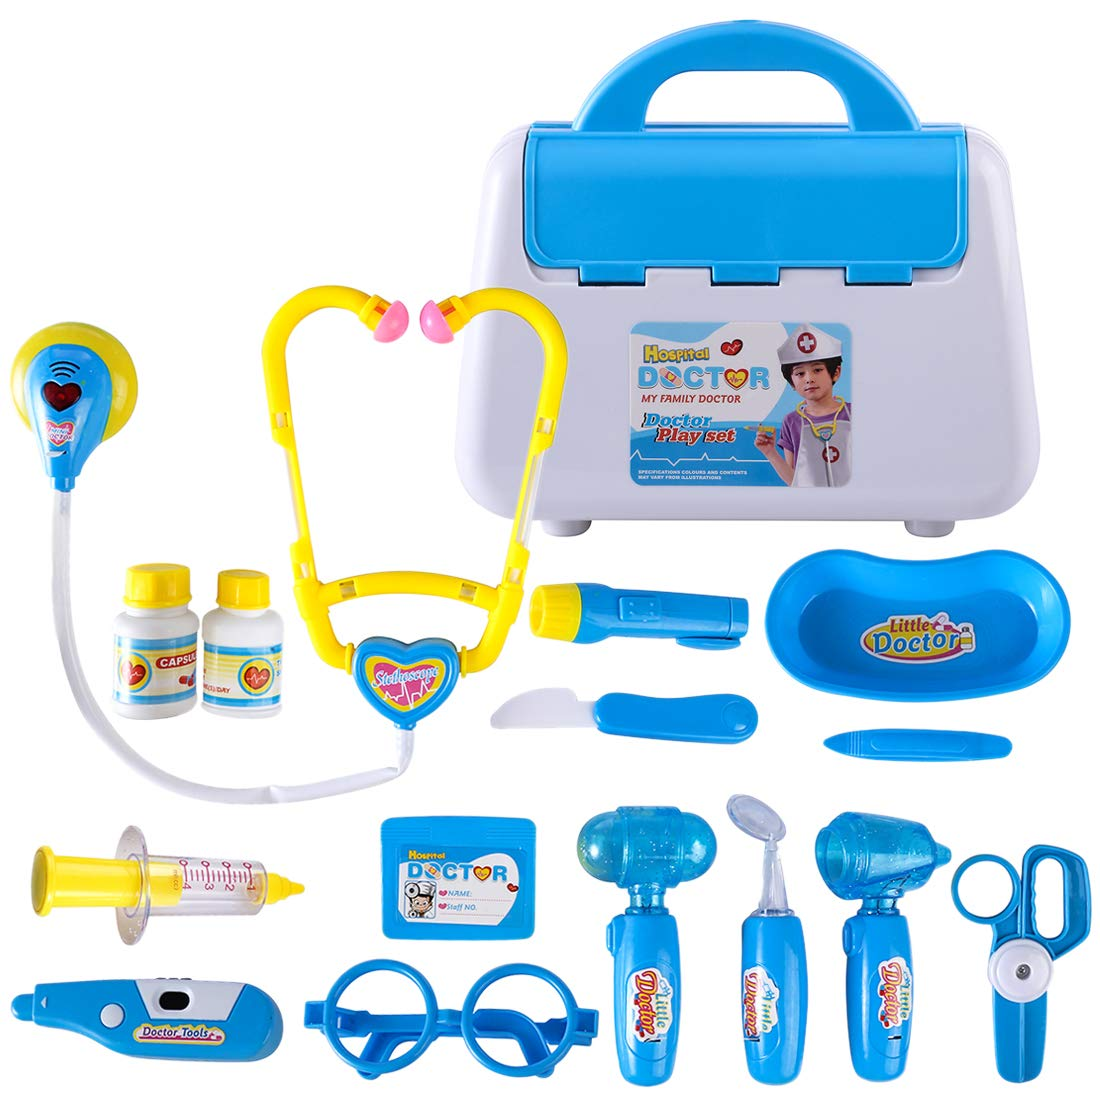 Rolanli Arztkoffer Kinder, 15 Stü ck Emulational Medizinisches Spielzeug fü r Kinder Rollenspiele